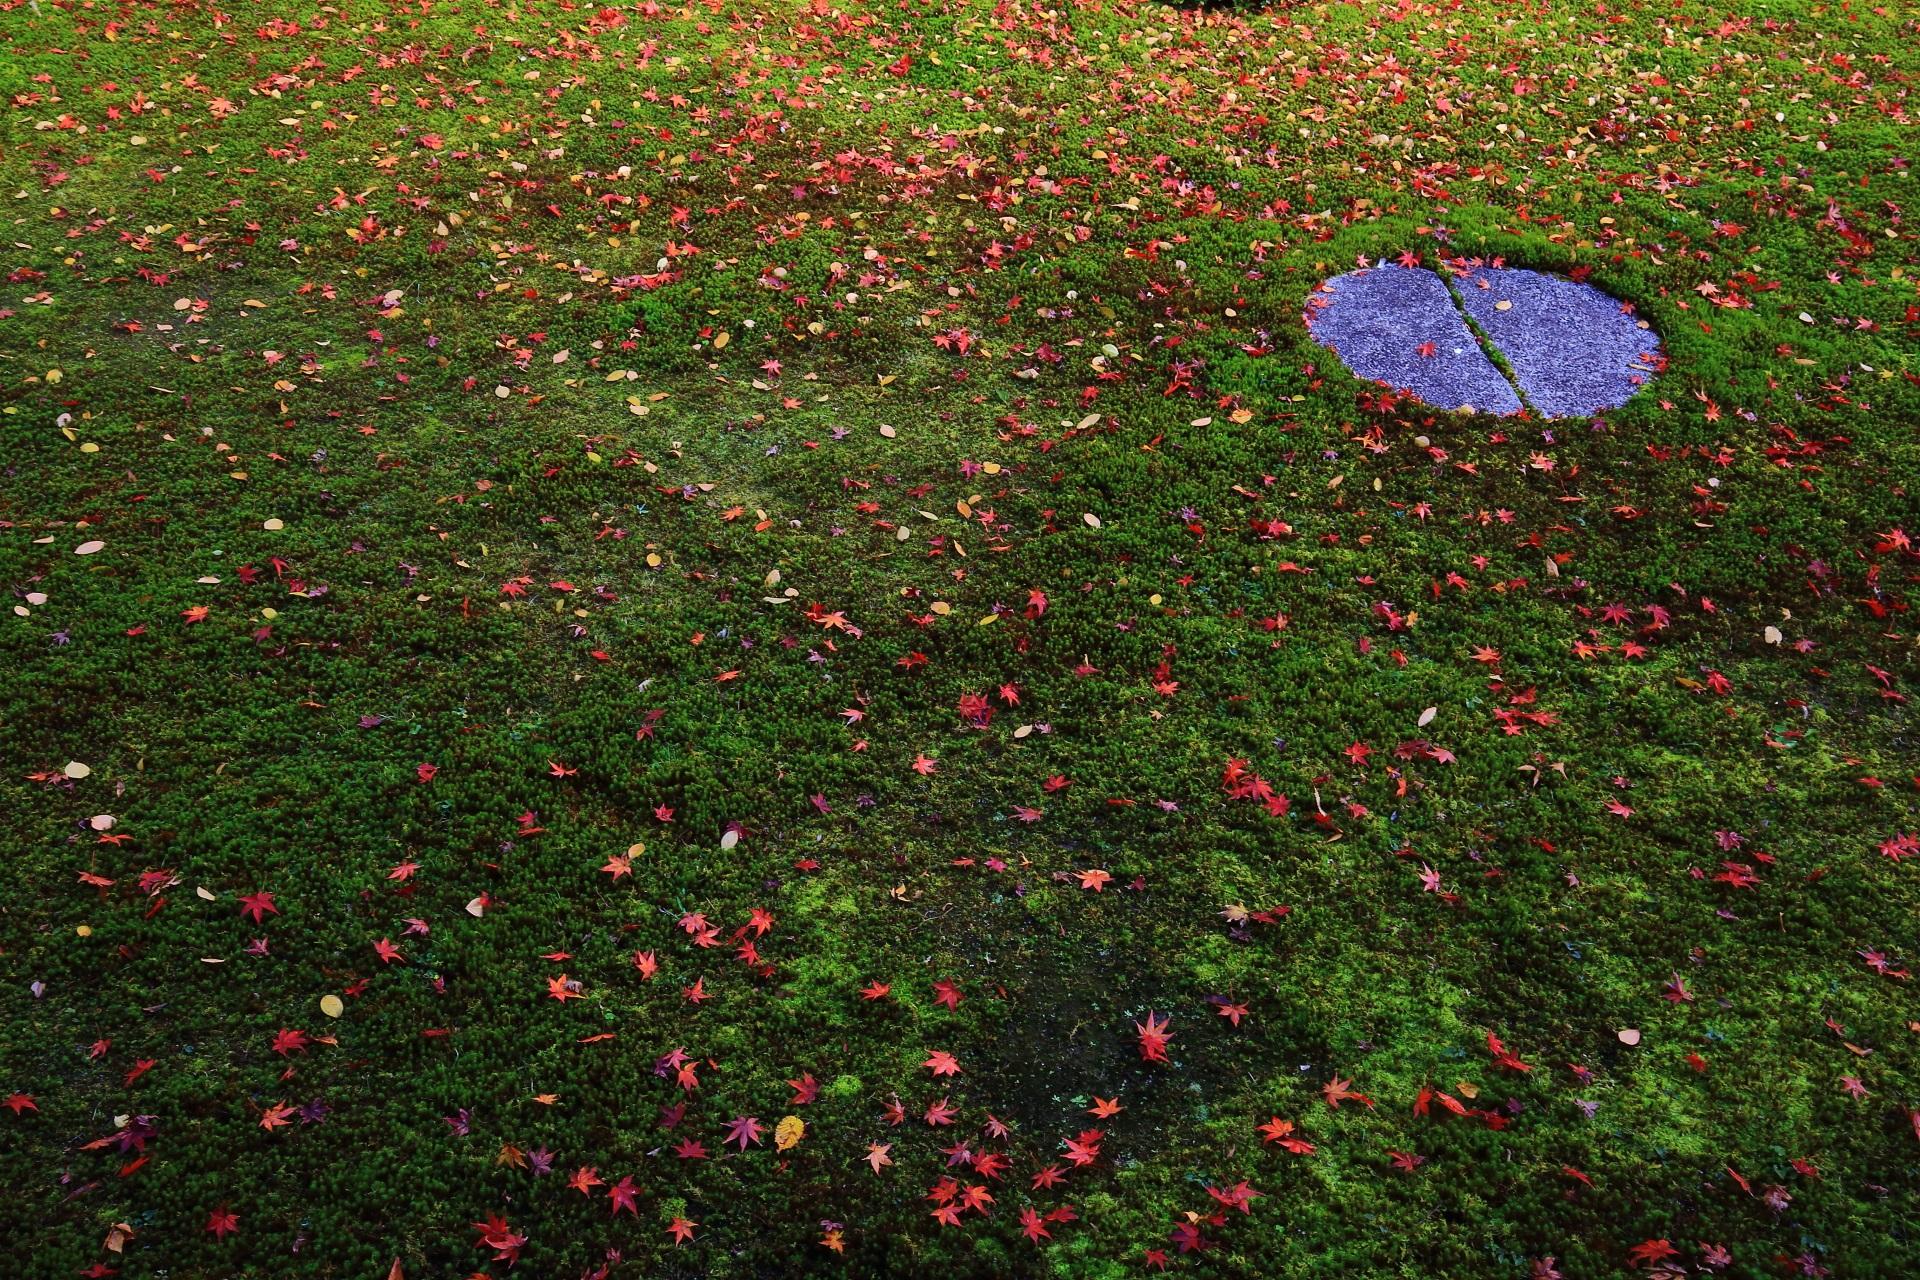 本法寺の苔の上の可愛いく華やかな散り紅葉